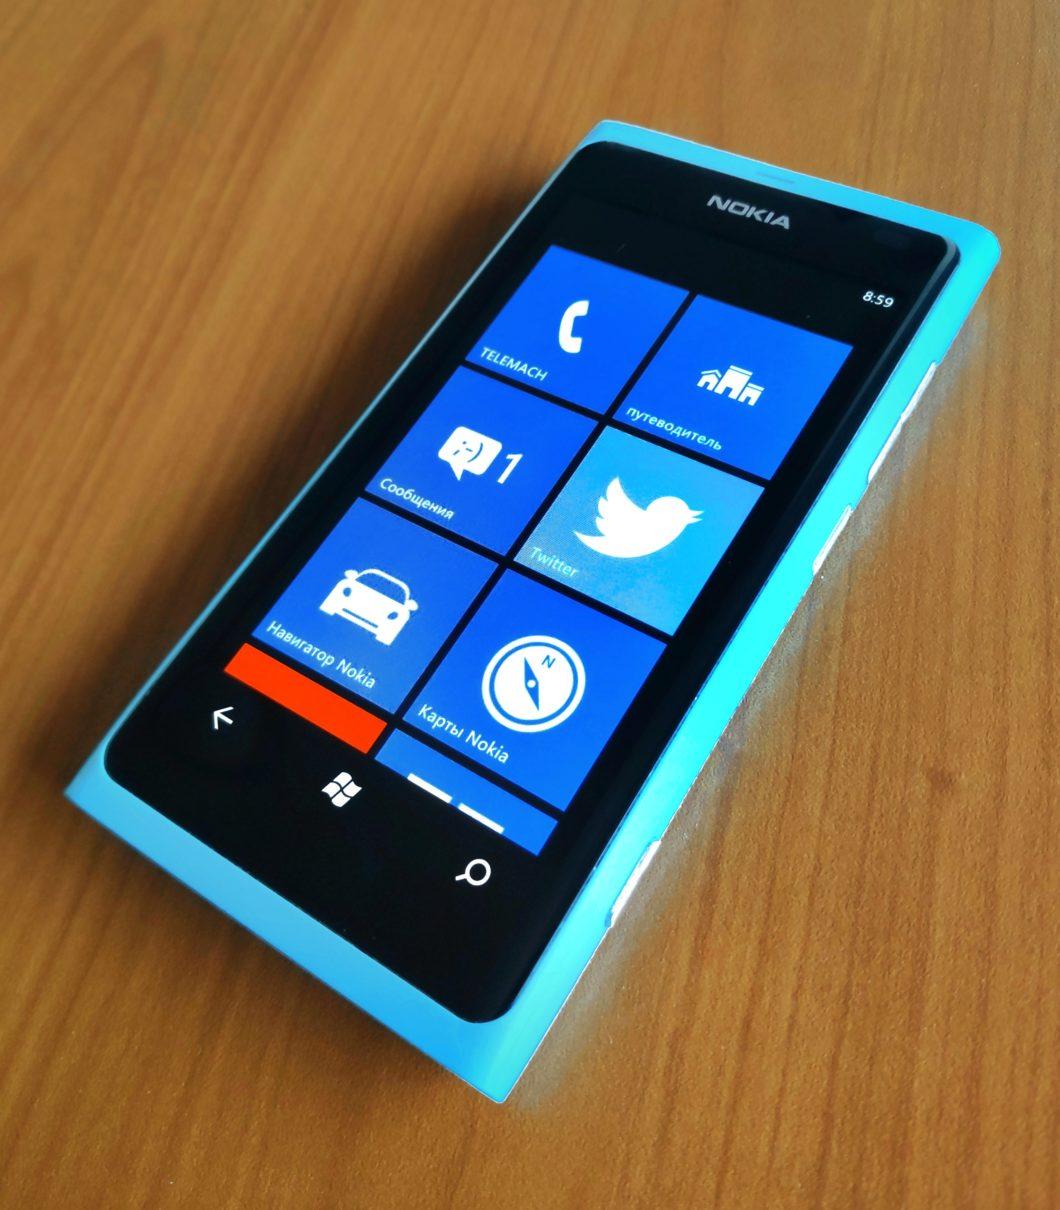 Lumia 800, um dos primeiros modelos com Windows Phone (Imagem: Petar Milošević/Wikimedia Commons)